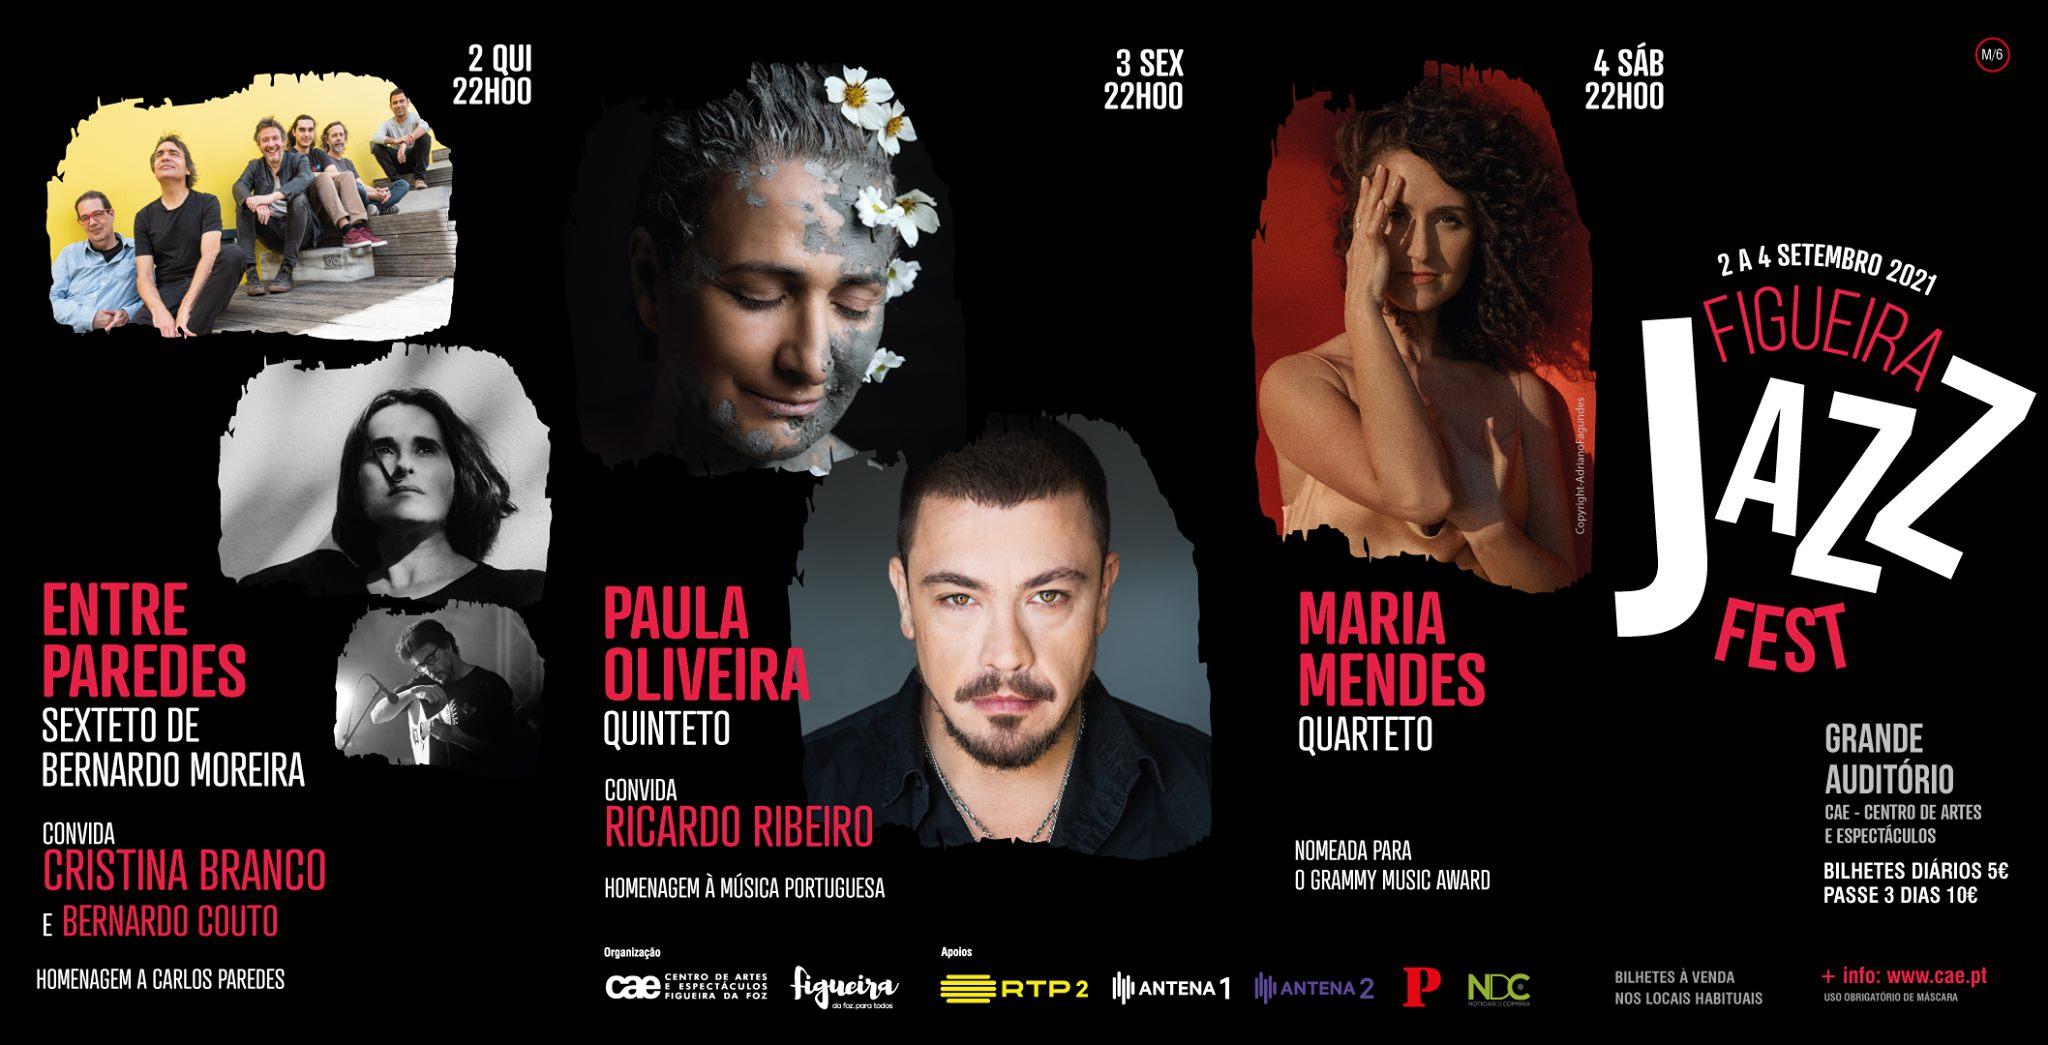 Figueira Jazz Fest - 2ª Edição